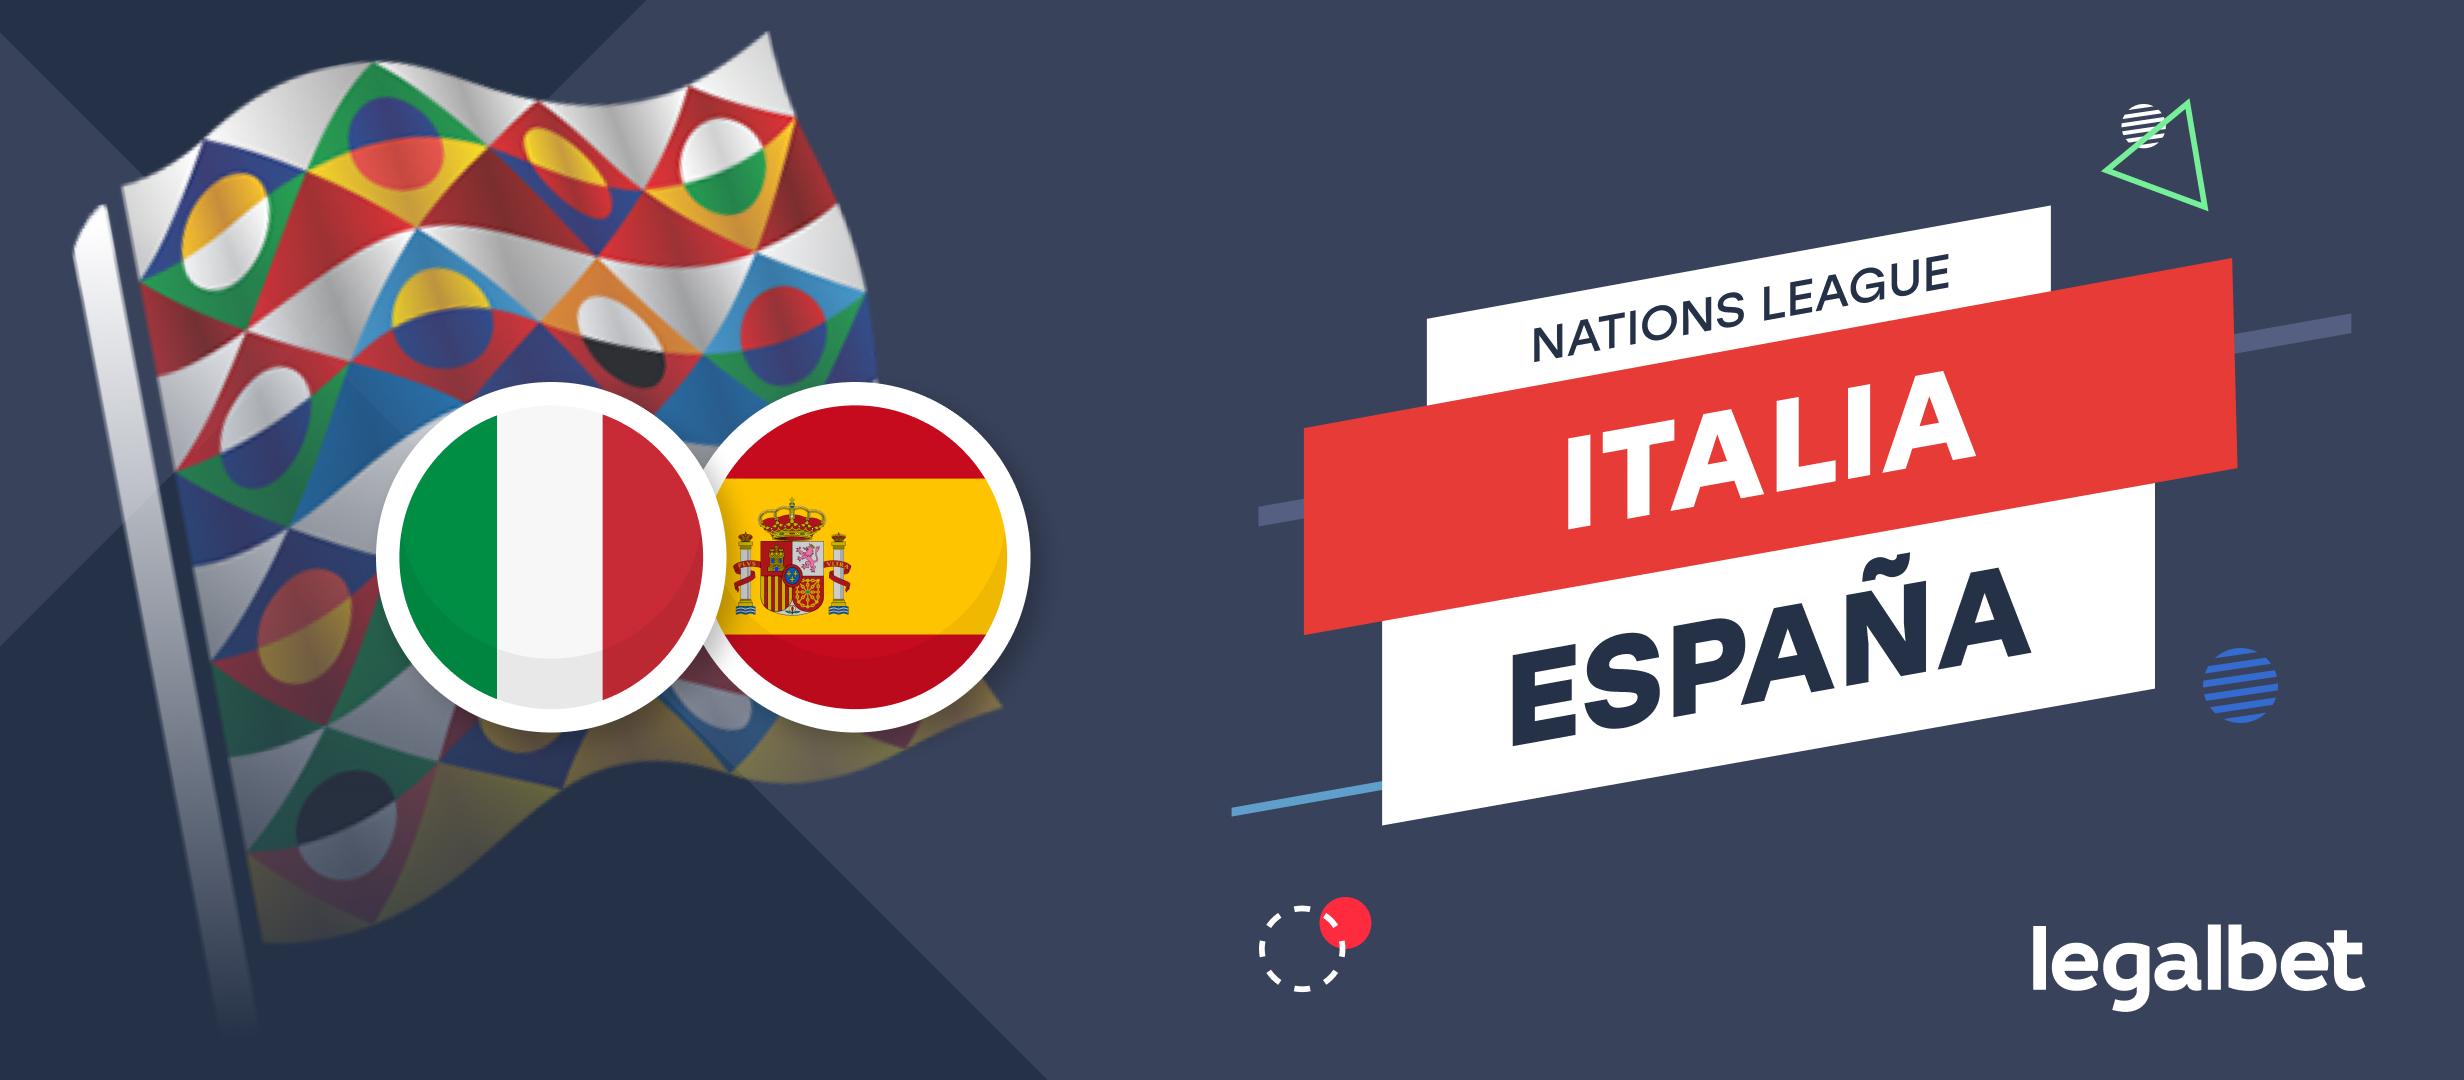 Apuestas y cuotas Italia - España, Nations League 2021/22